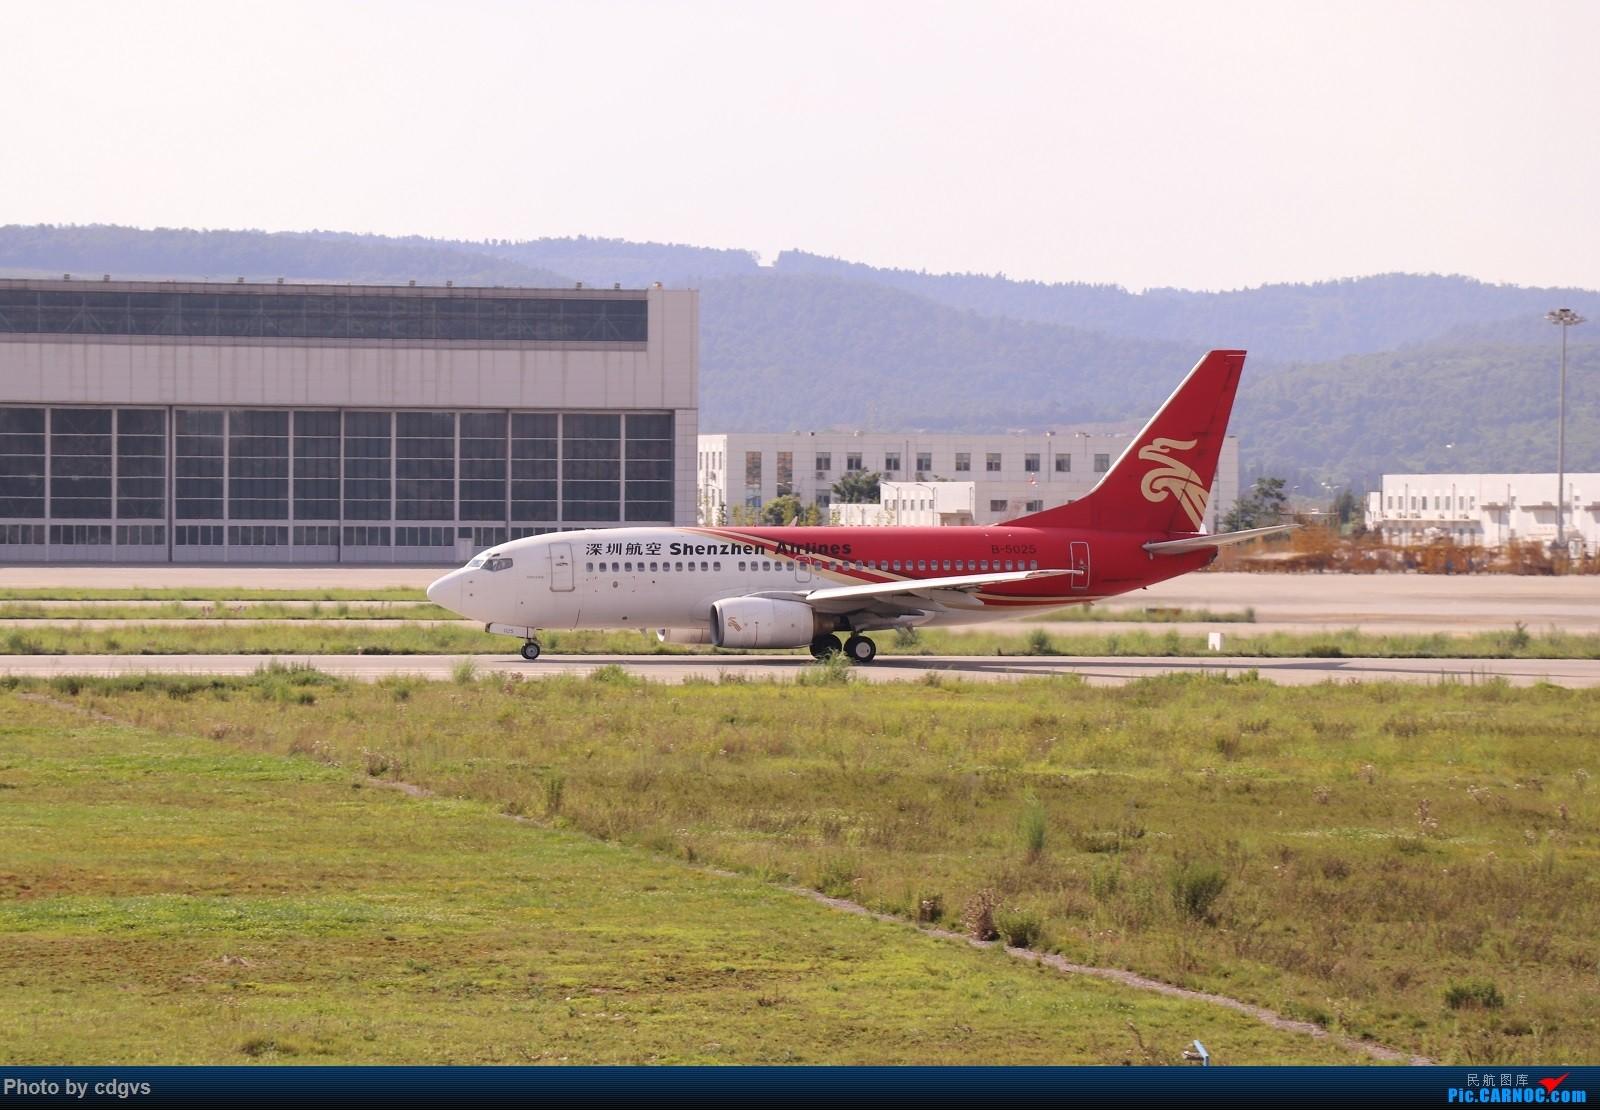 Re:[原创]【KMG】昆明的一天 1600大图 一次看个爽 BOEING 737-700 B-5025 中国昆明长水国际机场